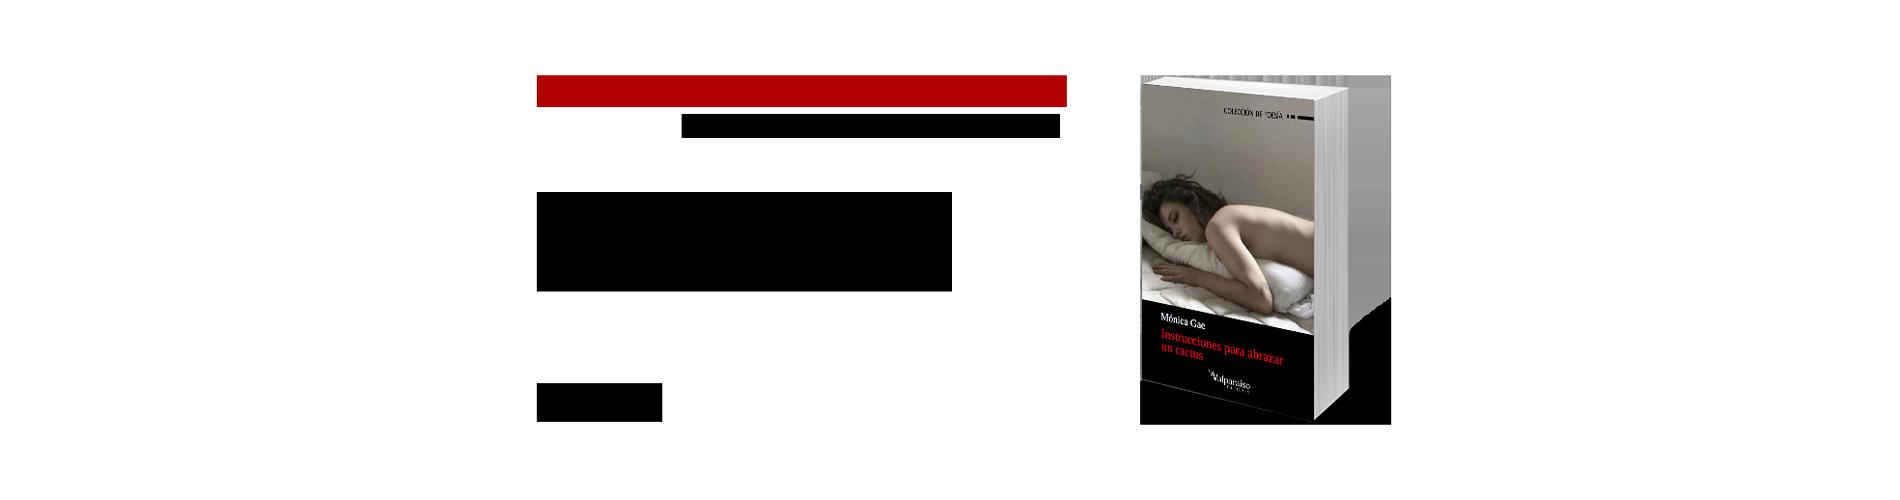 Instrucciones para abrazar un cactus, nuevo libro de Mónica Gae